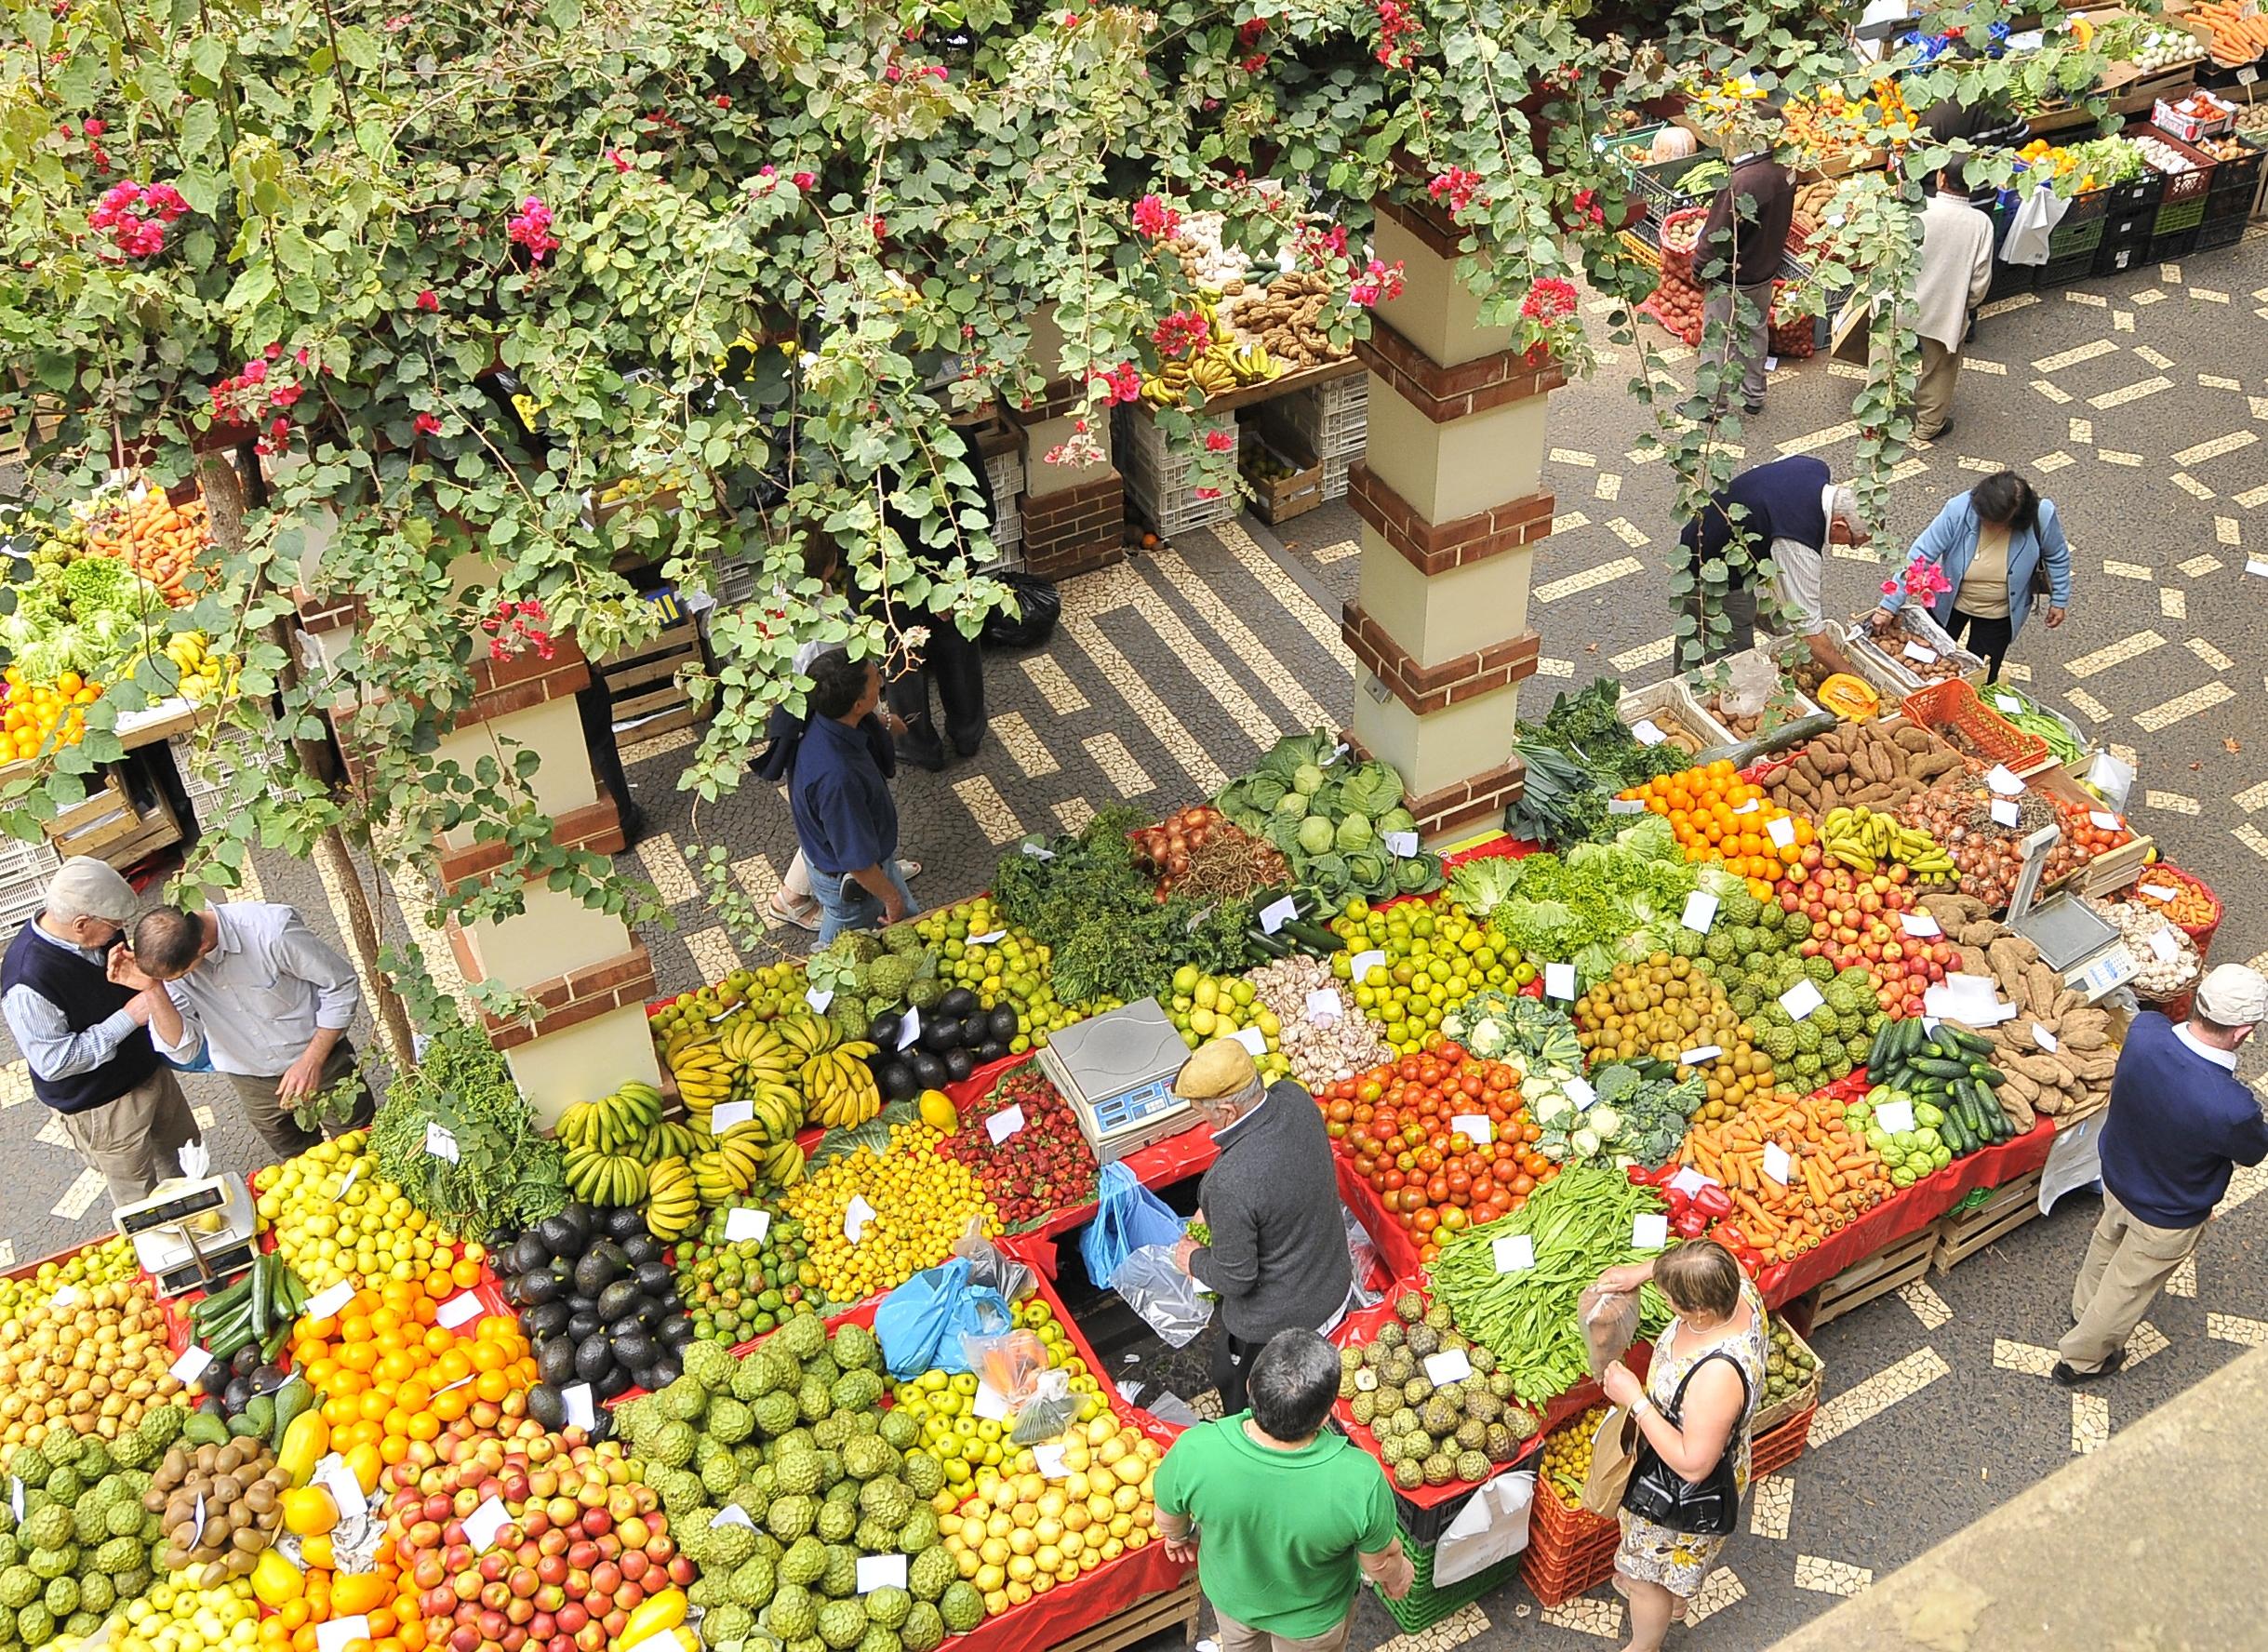 Frugt- og grøntmarked på Madeira. Foto: Turismo de Portugal, Portugals nationale Turistbureau.